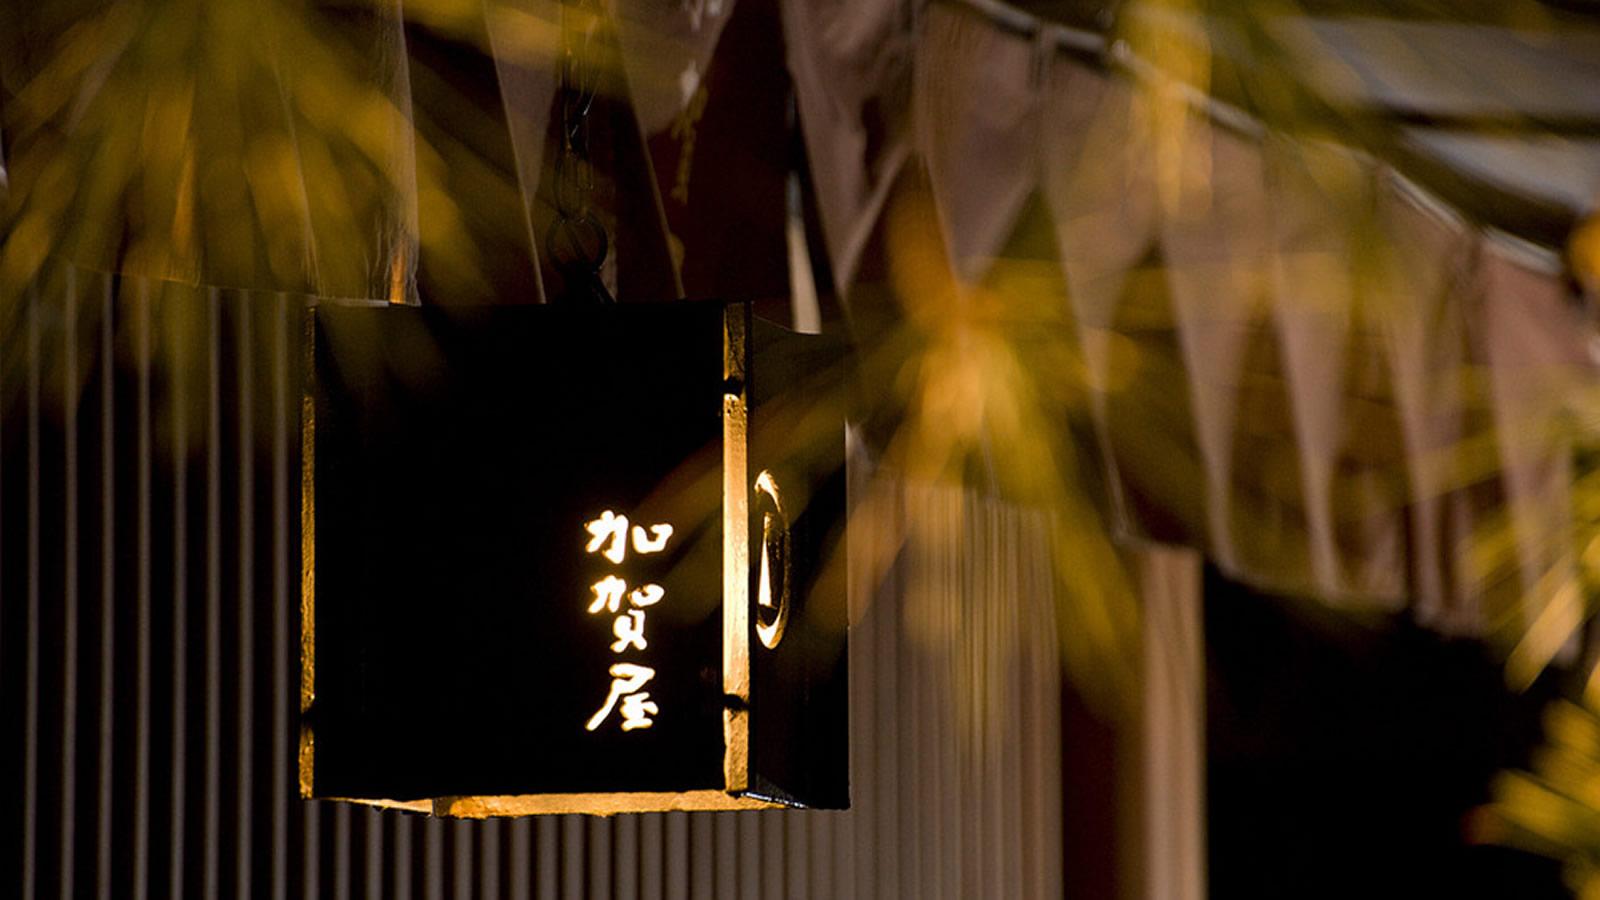 感受絕佳的住宿體驗!最佳旅館TOP7